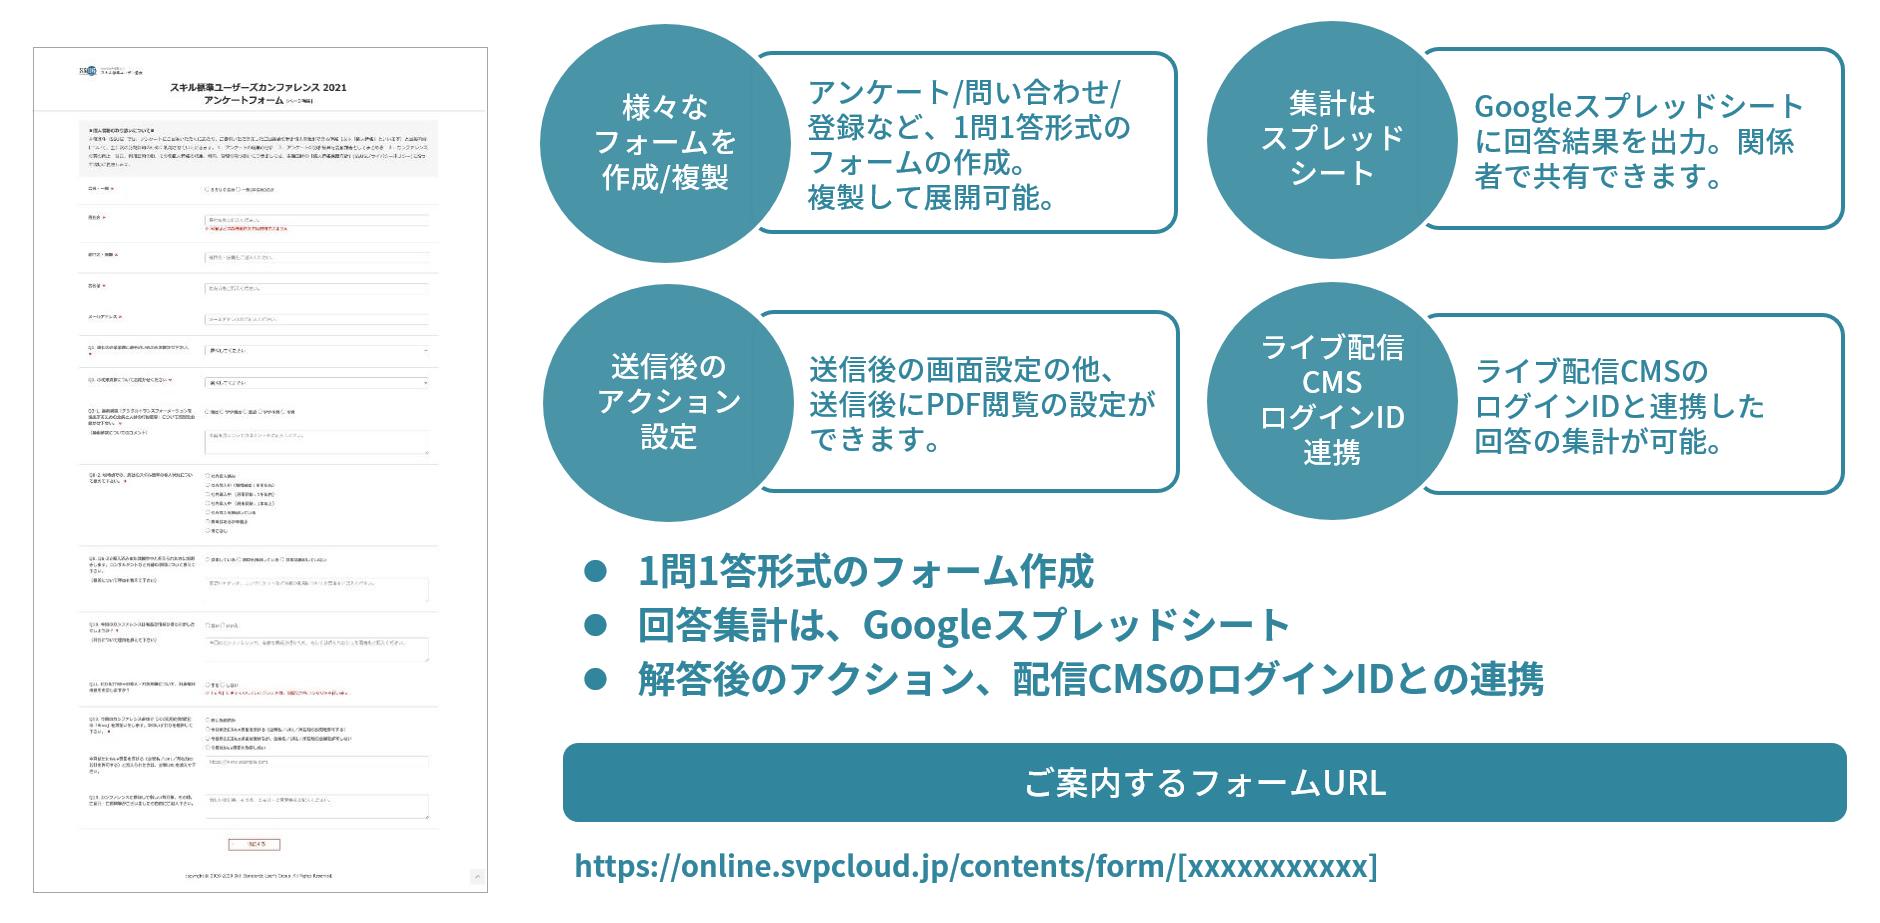 アンケート説明(各種フォームCMS 概要)